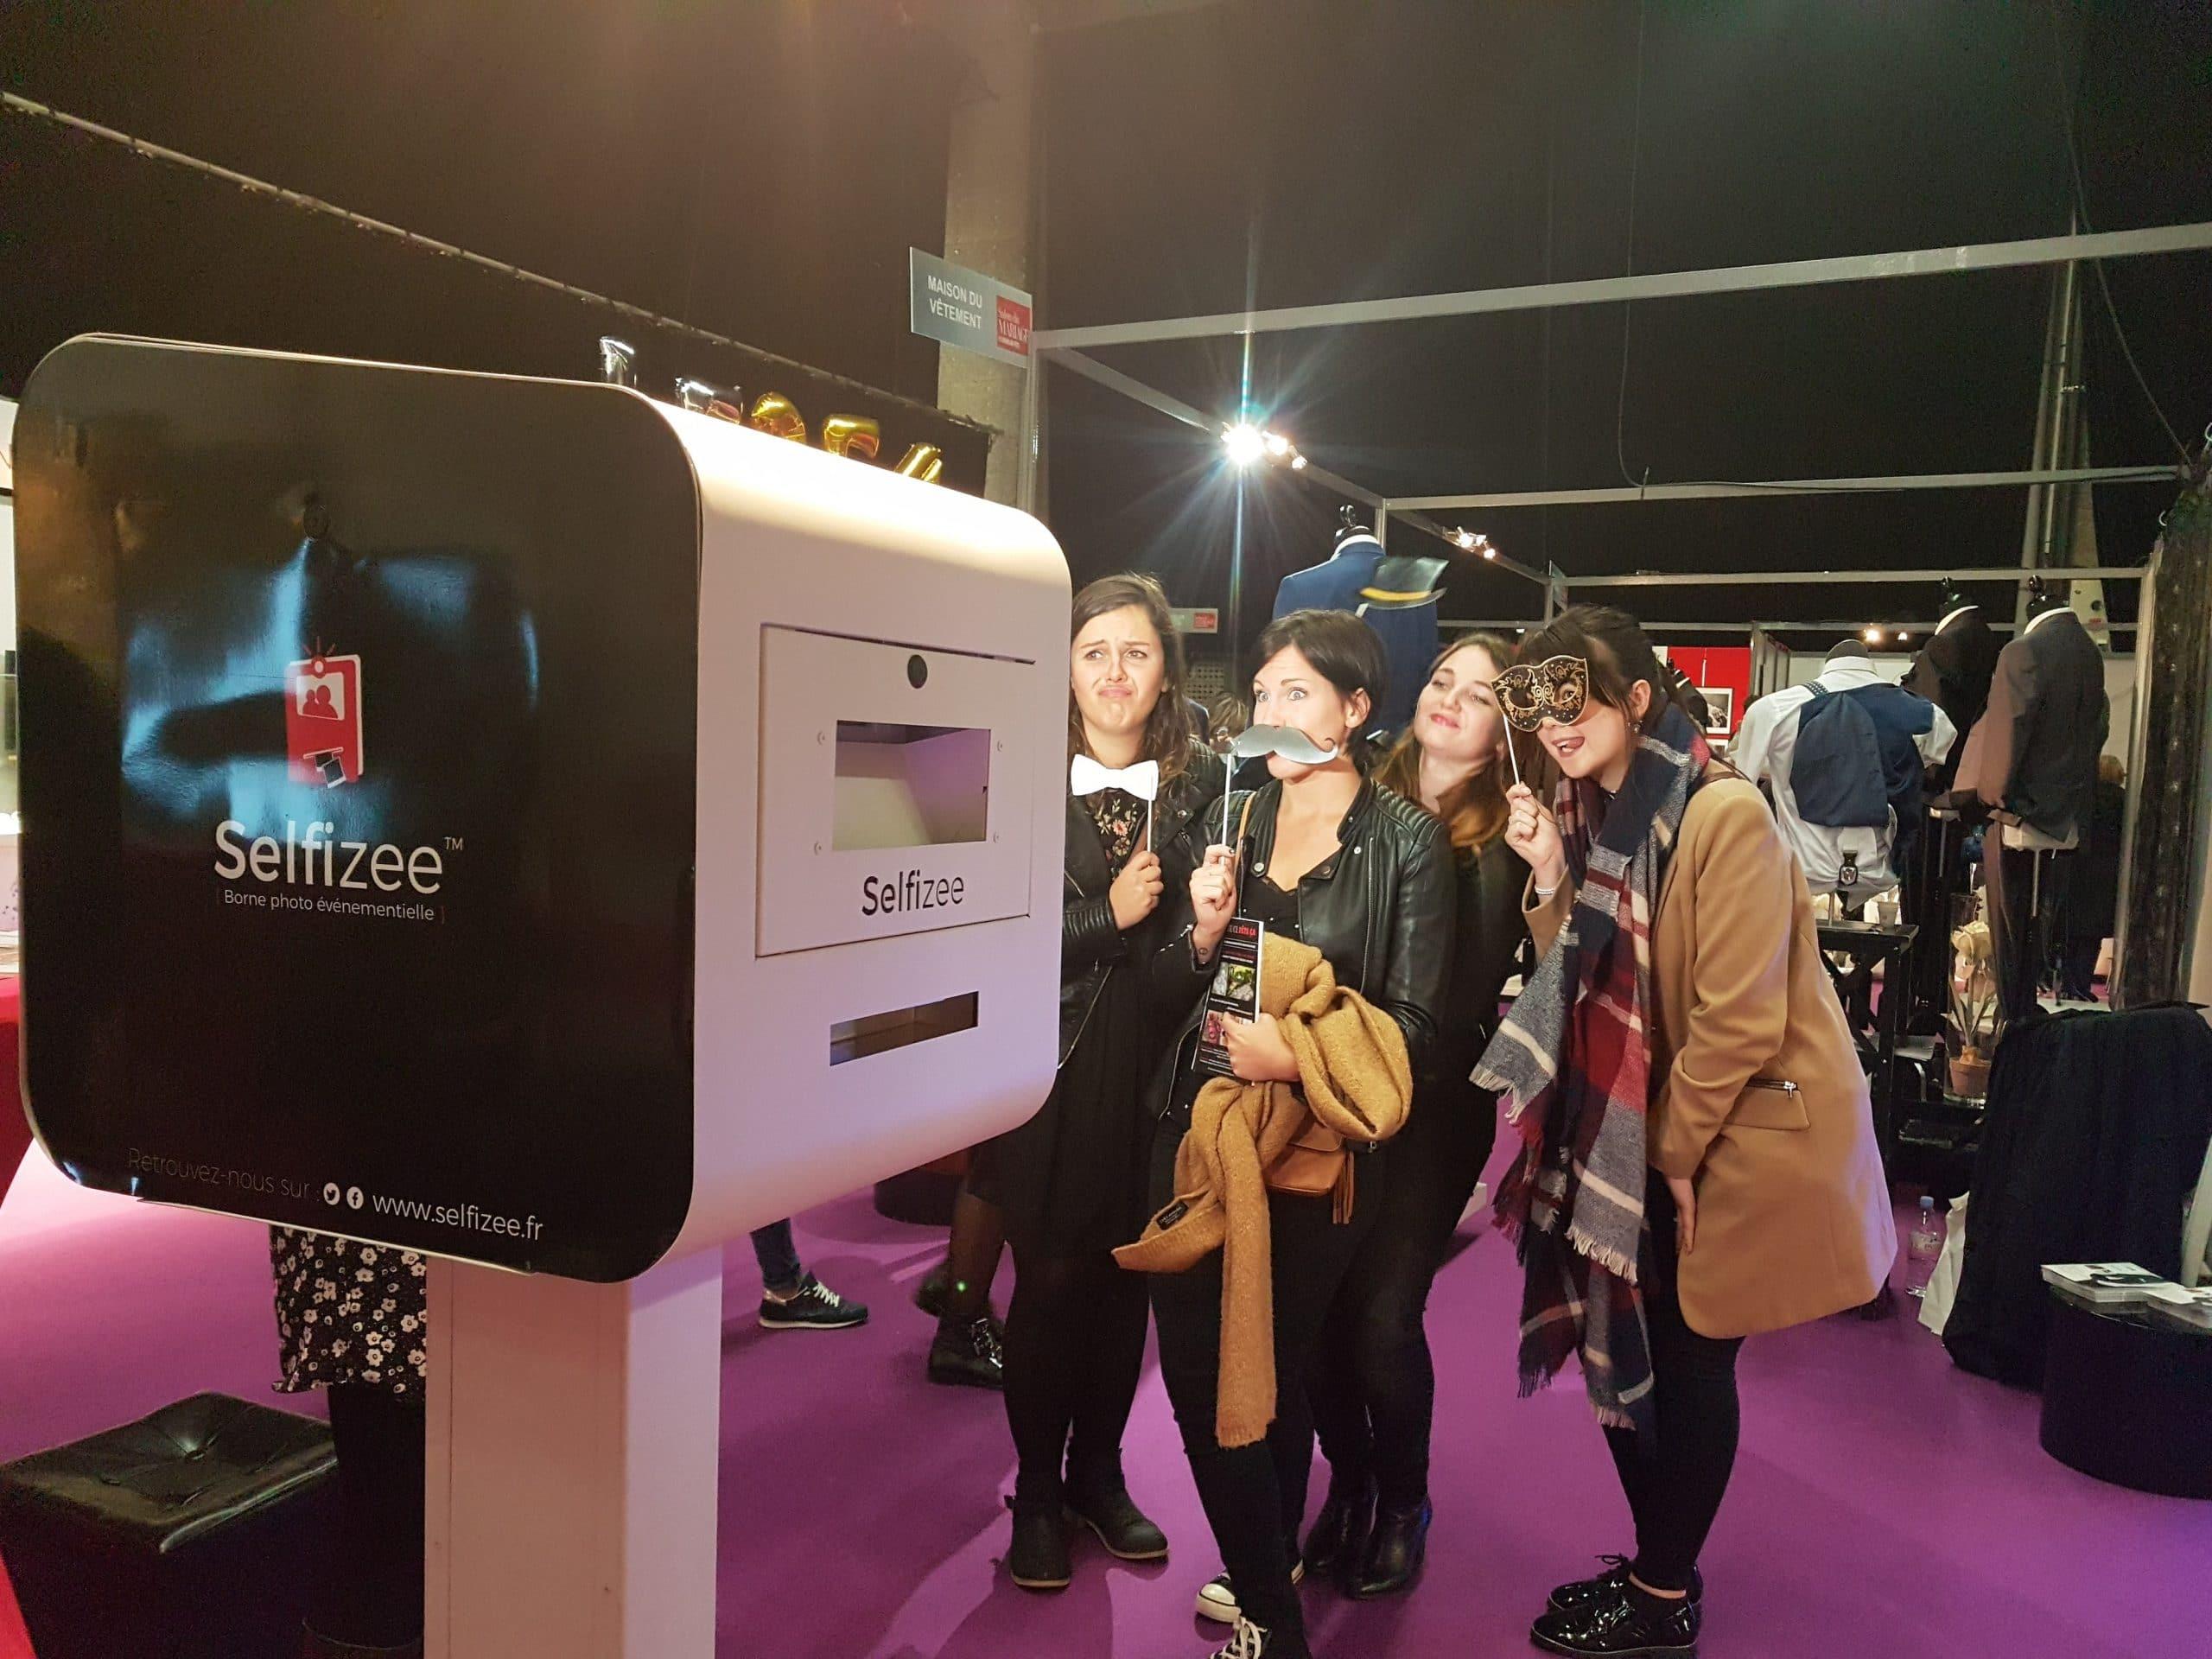 Animation photobooth avec accessoires au stand borne photo Selfizee au salon du mariage 2017 à Brest